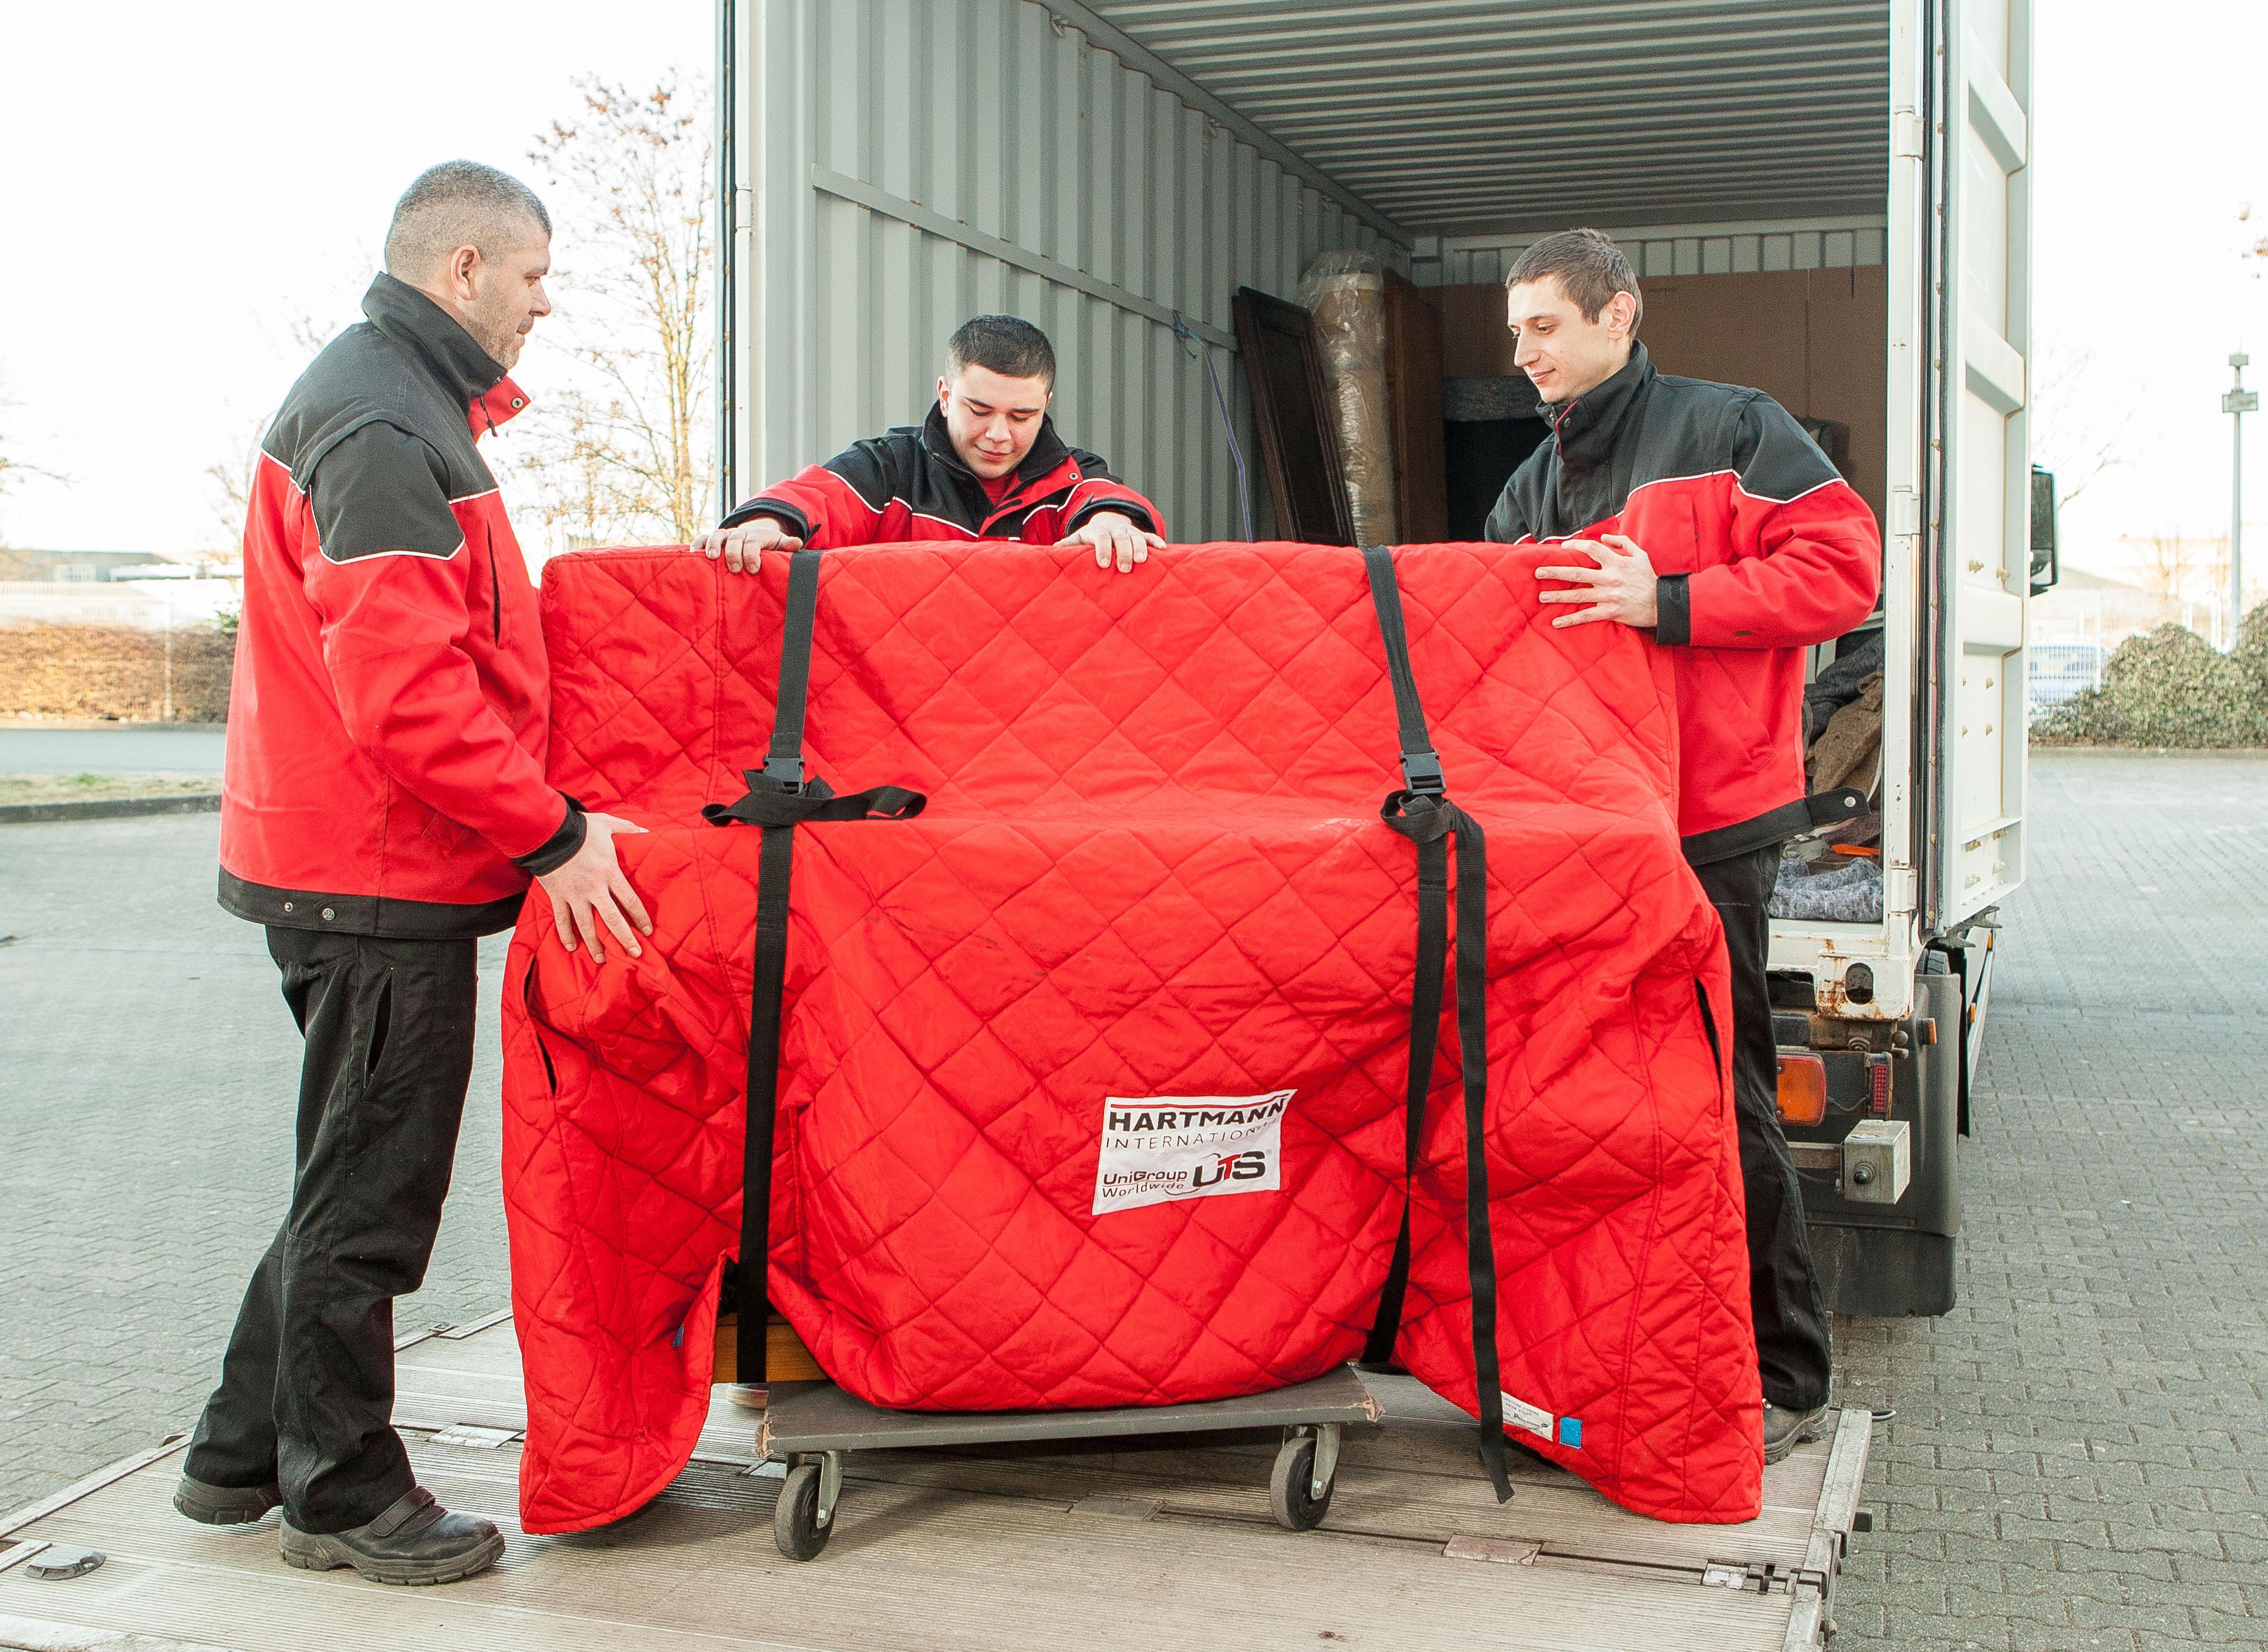 wir rollen euch den roten teppich aus hartmann international. Black Bedroom Furniture Sets. Home Design Ideas